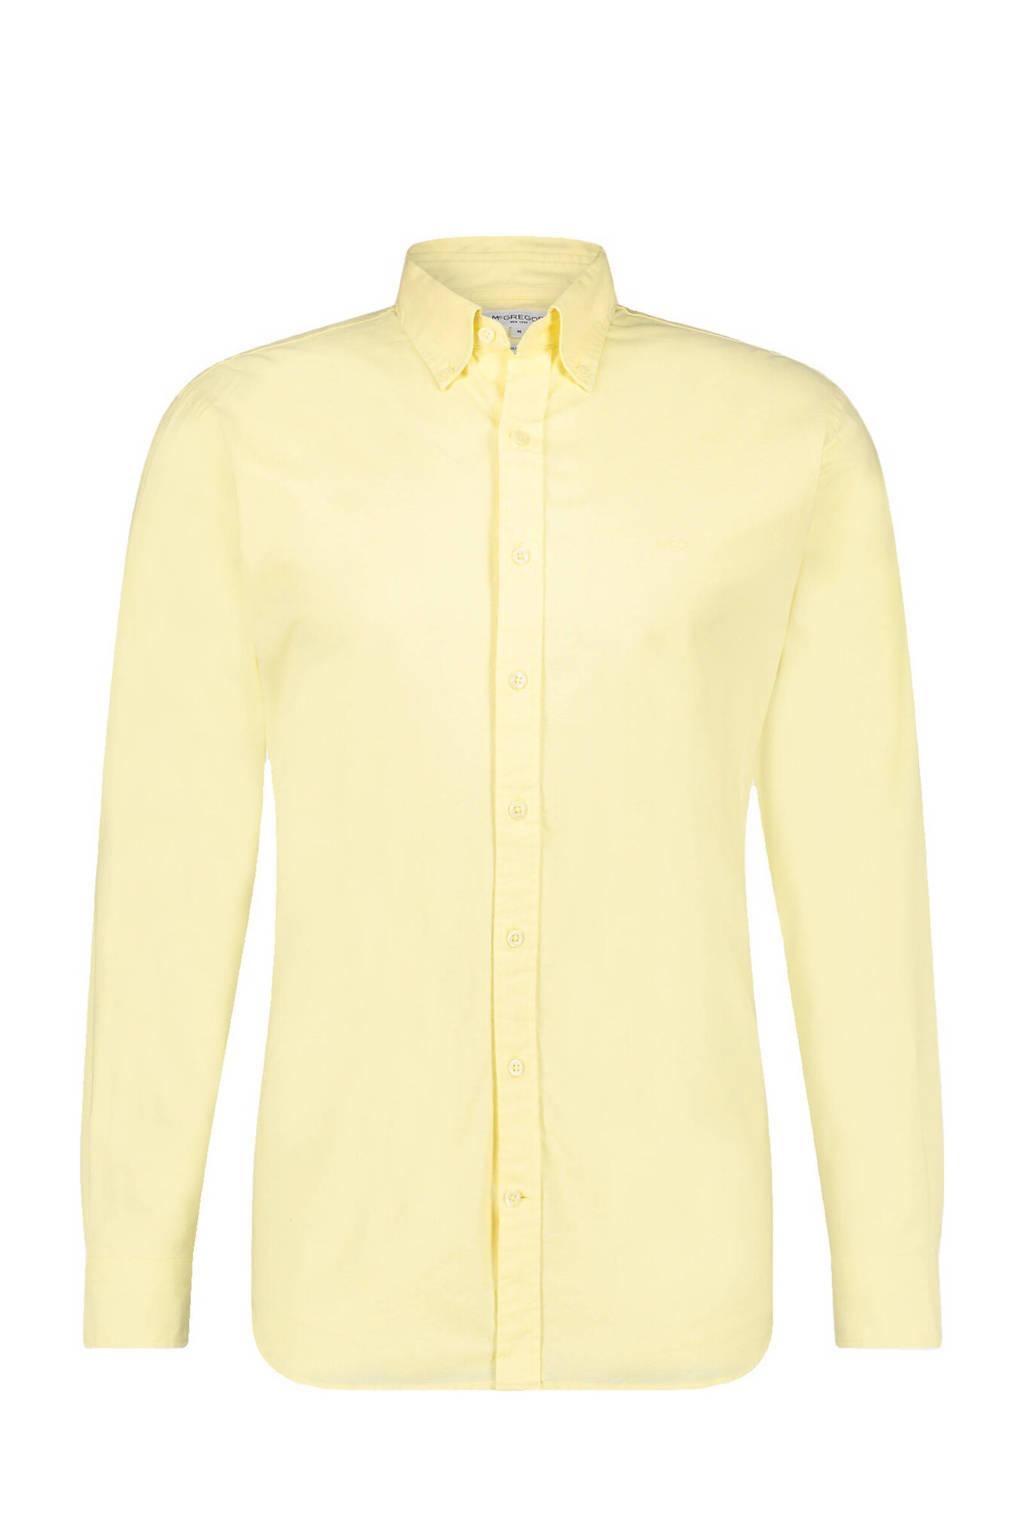 McGregor regular fit overhemd lichtgeel, Lichtgeel